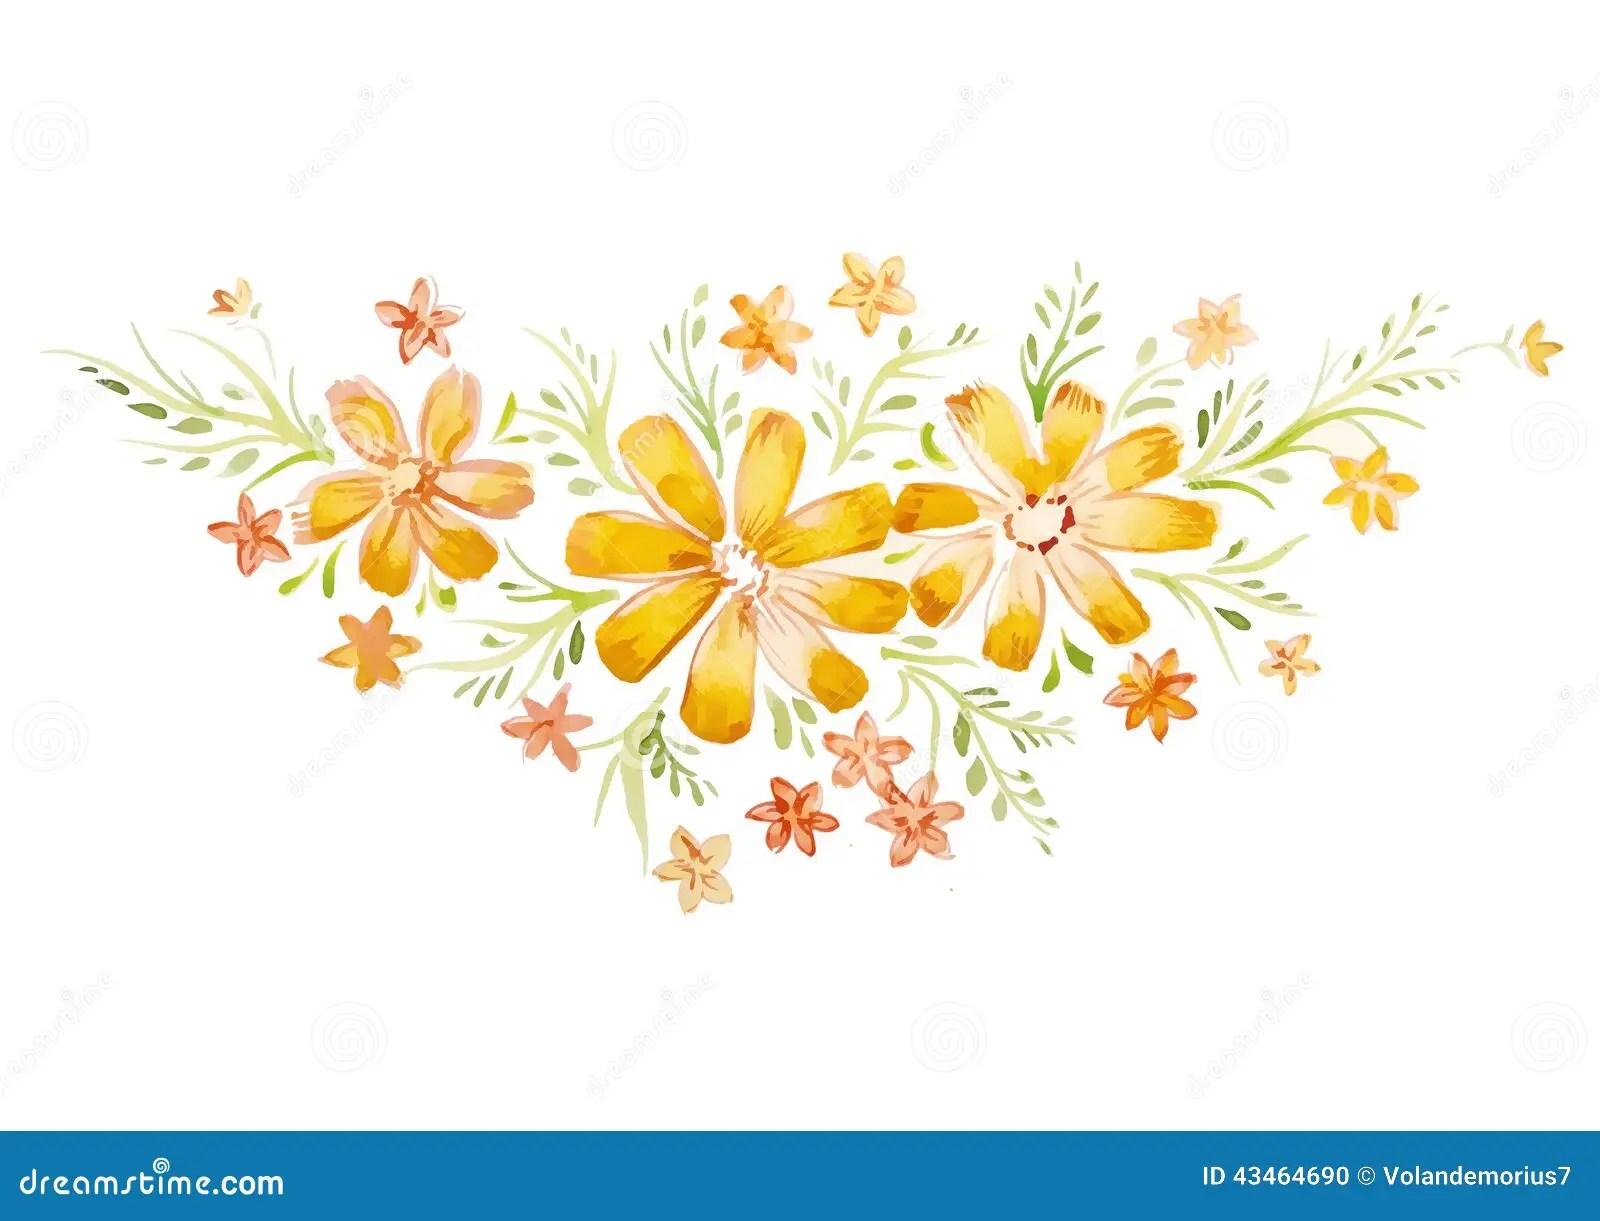 Schone Blumen Bilder Gemalt